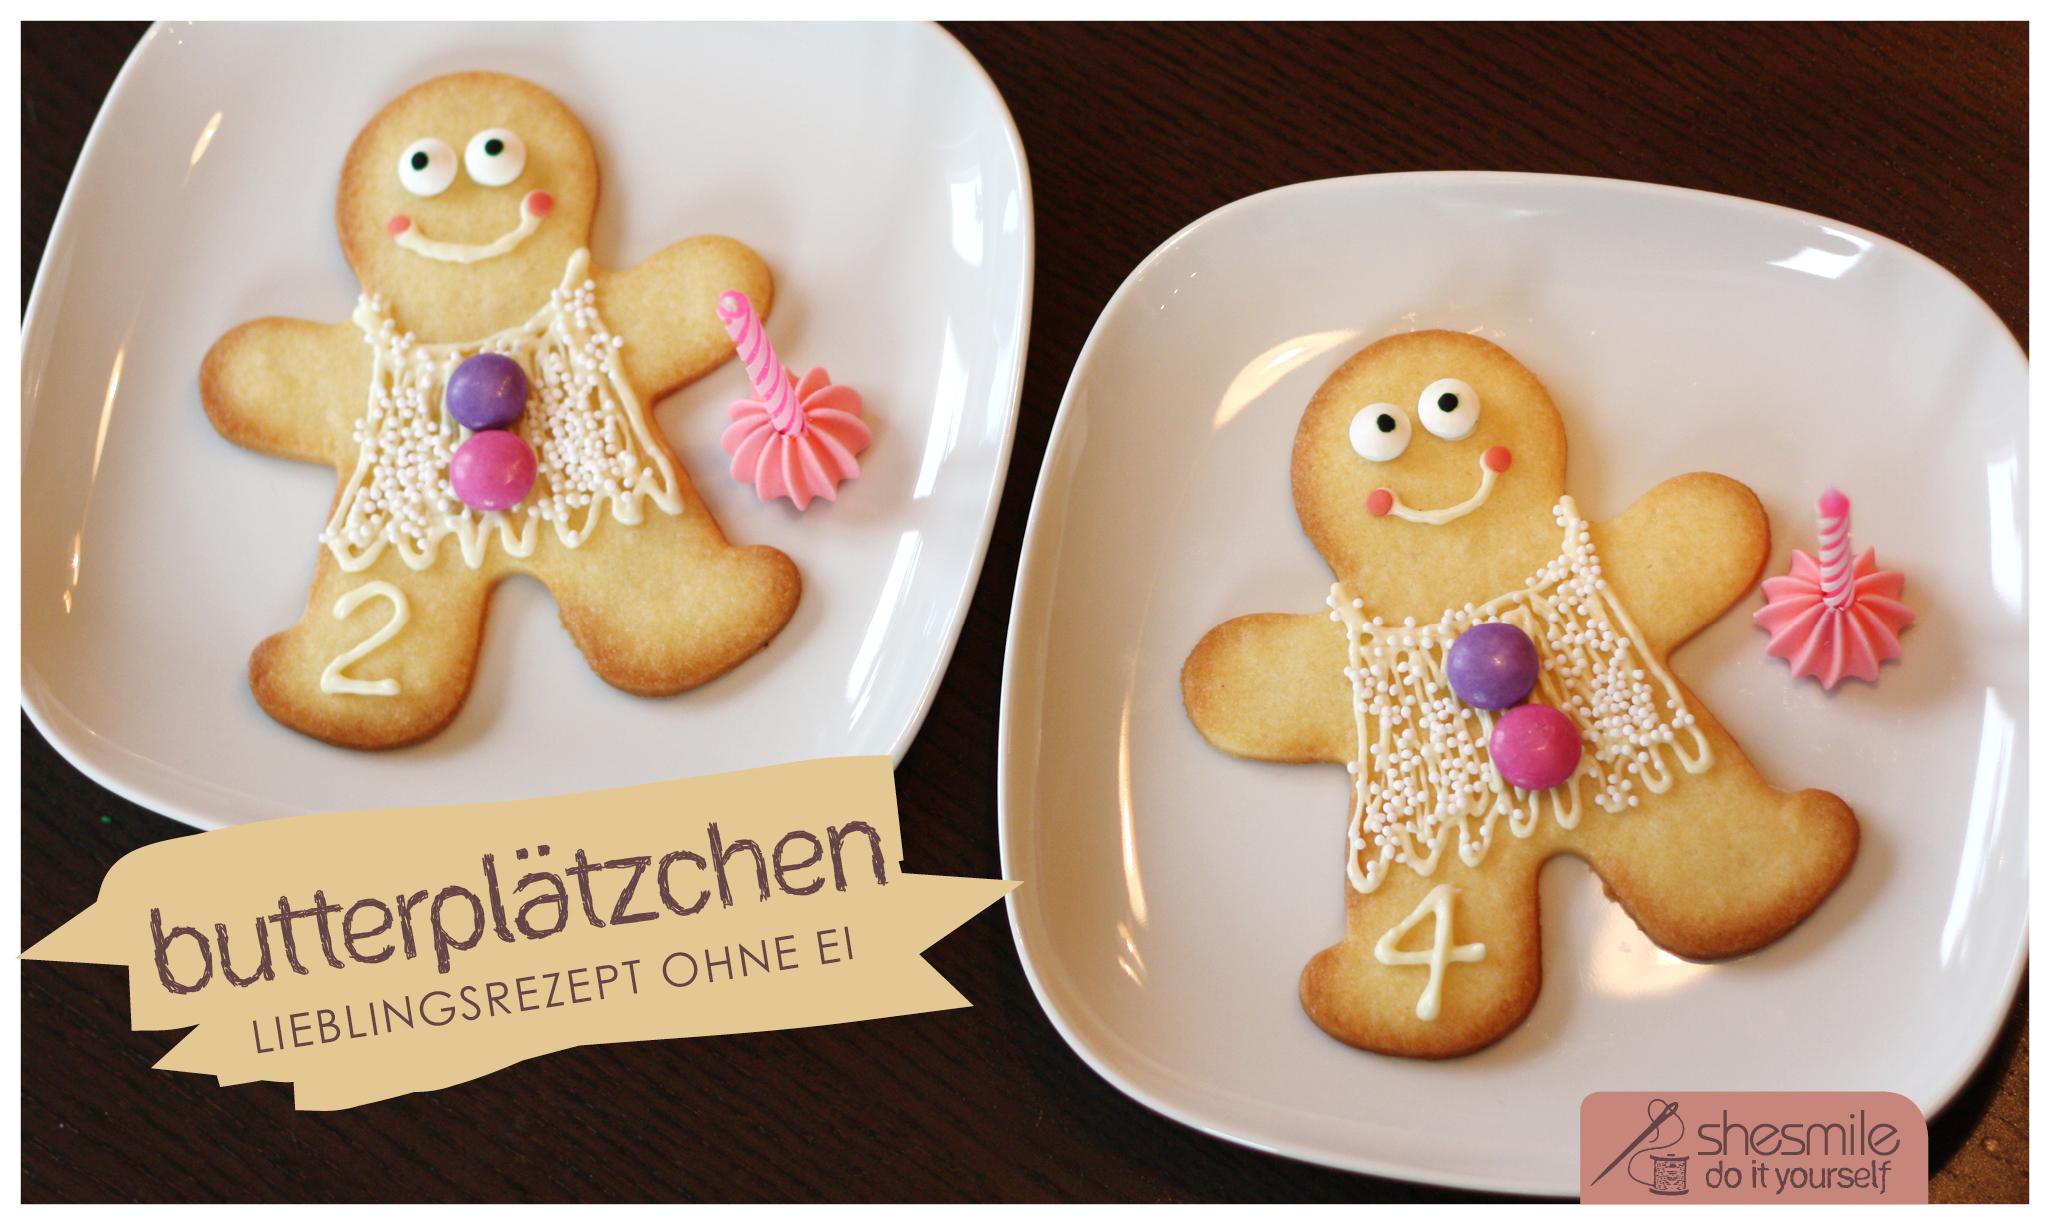 Butterplatzchen Mein Lieblingsrezept Ohne Ei Shesmile